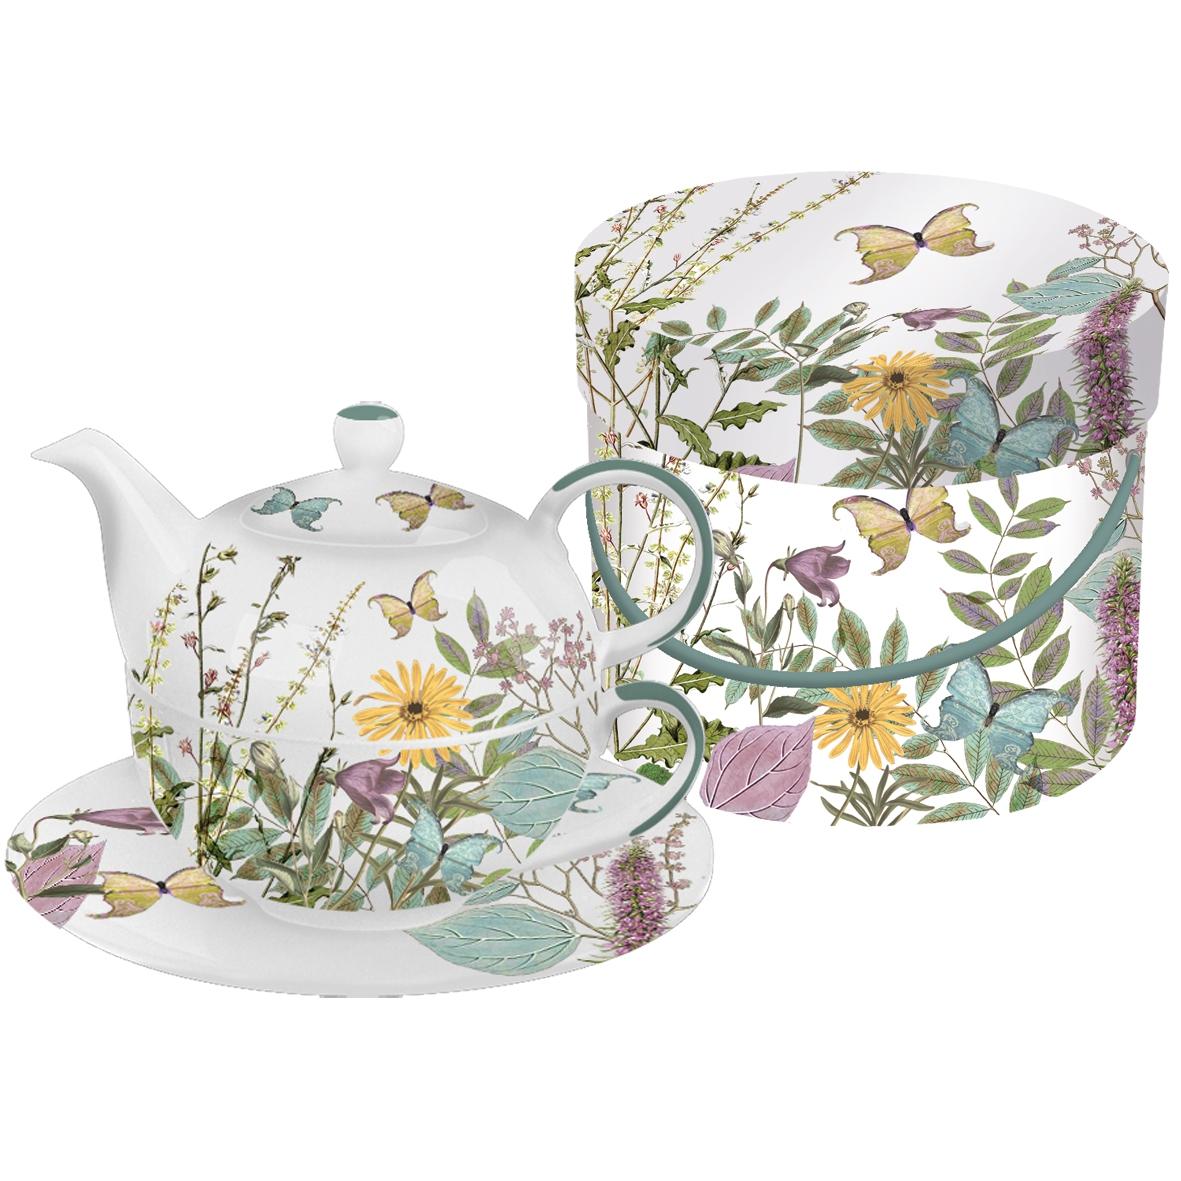 Tea 4 One - Kensington Garden